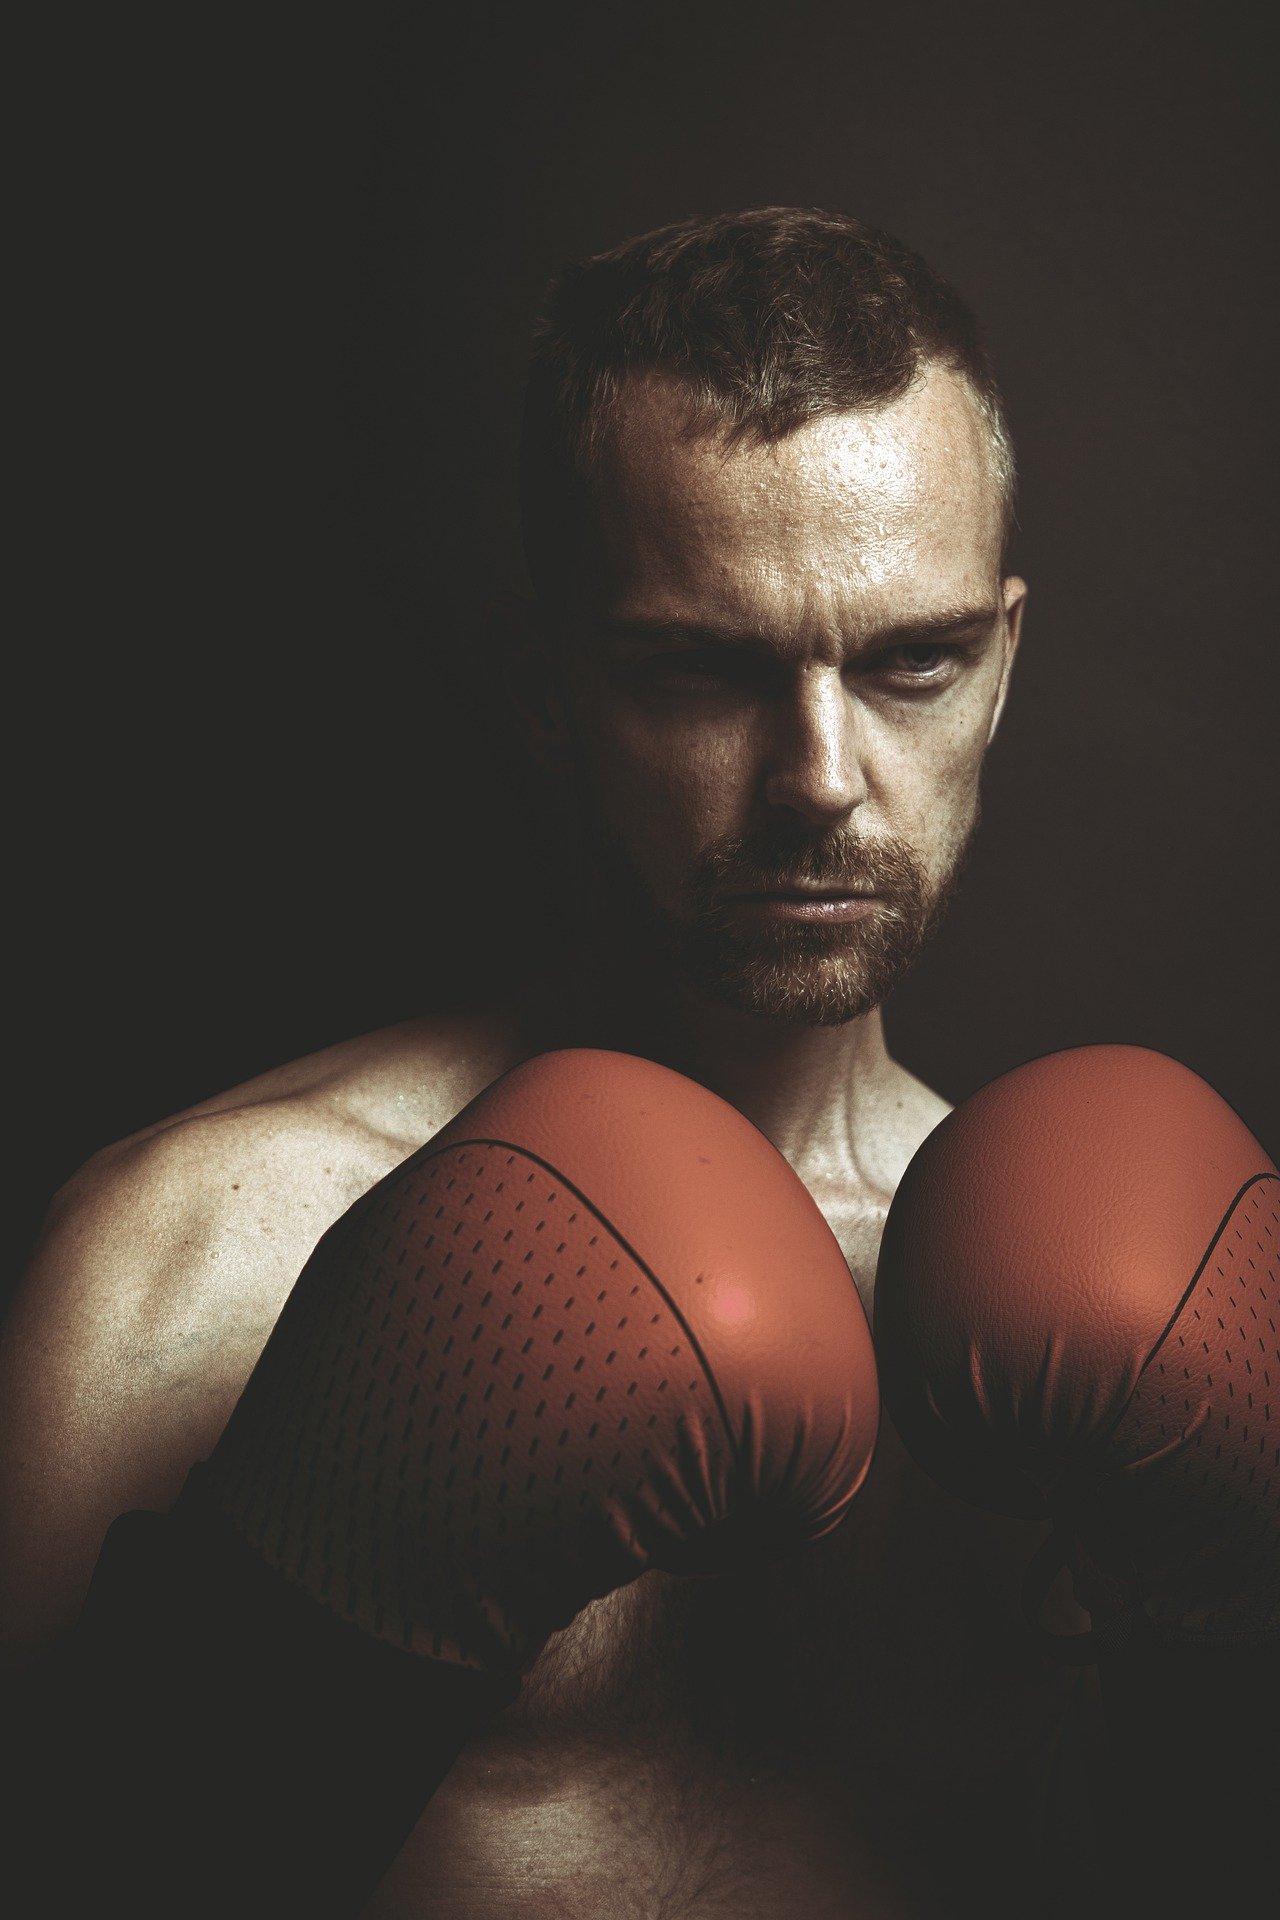 casting série sur l'univers de la boxe